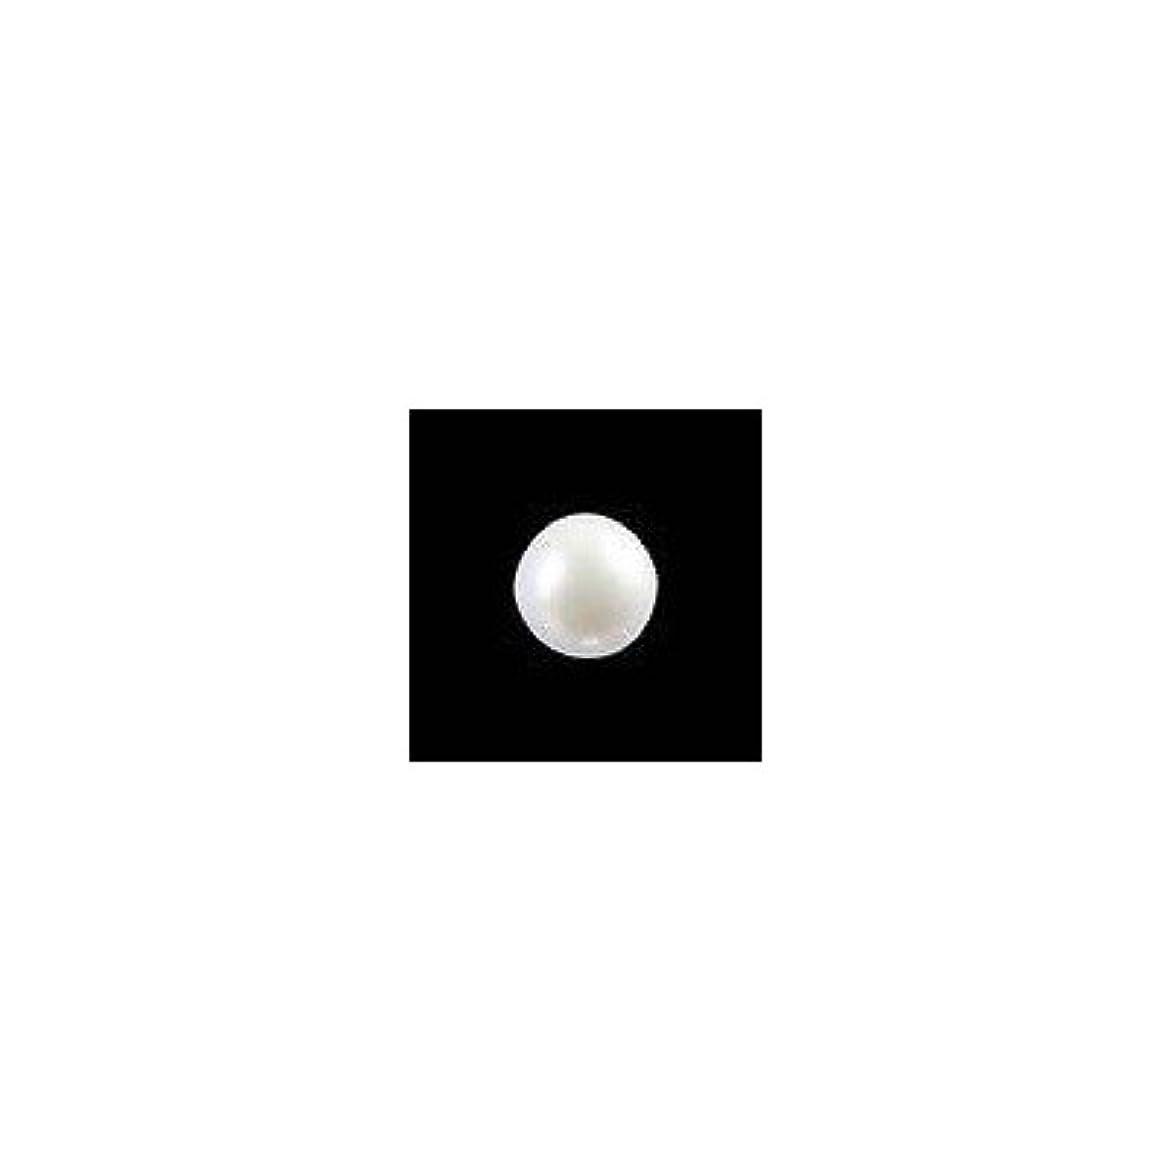 想像力豊かな写真を描くリラックスしたピアドラ 大粒パール ラウンド(4mm)24P